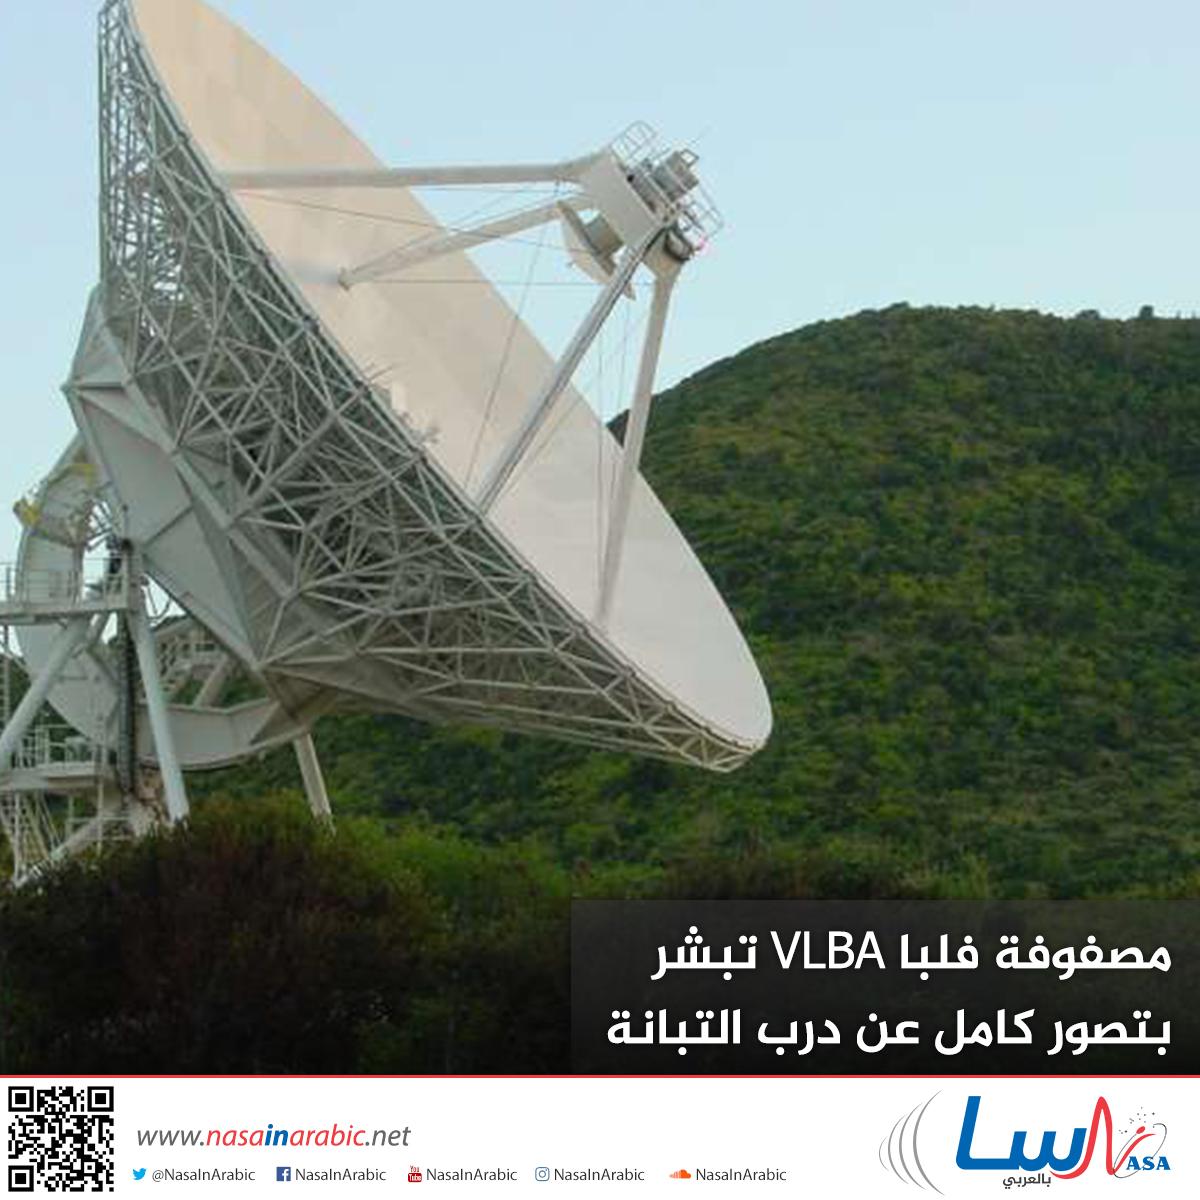 مصفوفة فلبا VLBA تبشر بتصور كامل عن درب التبانة